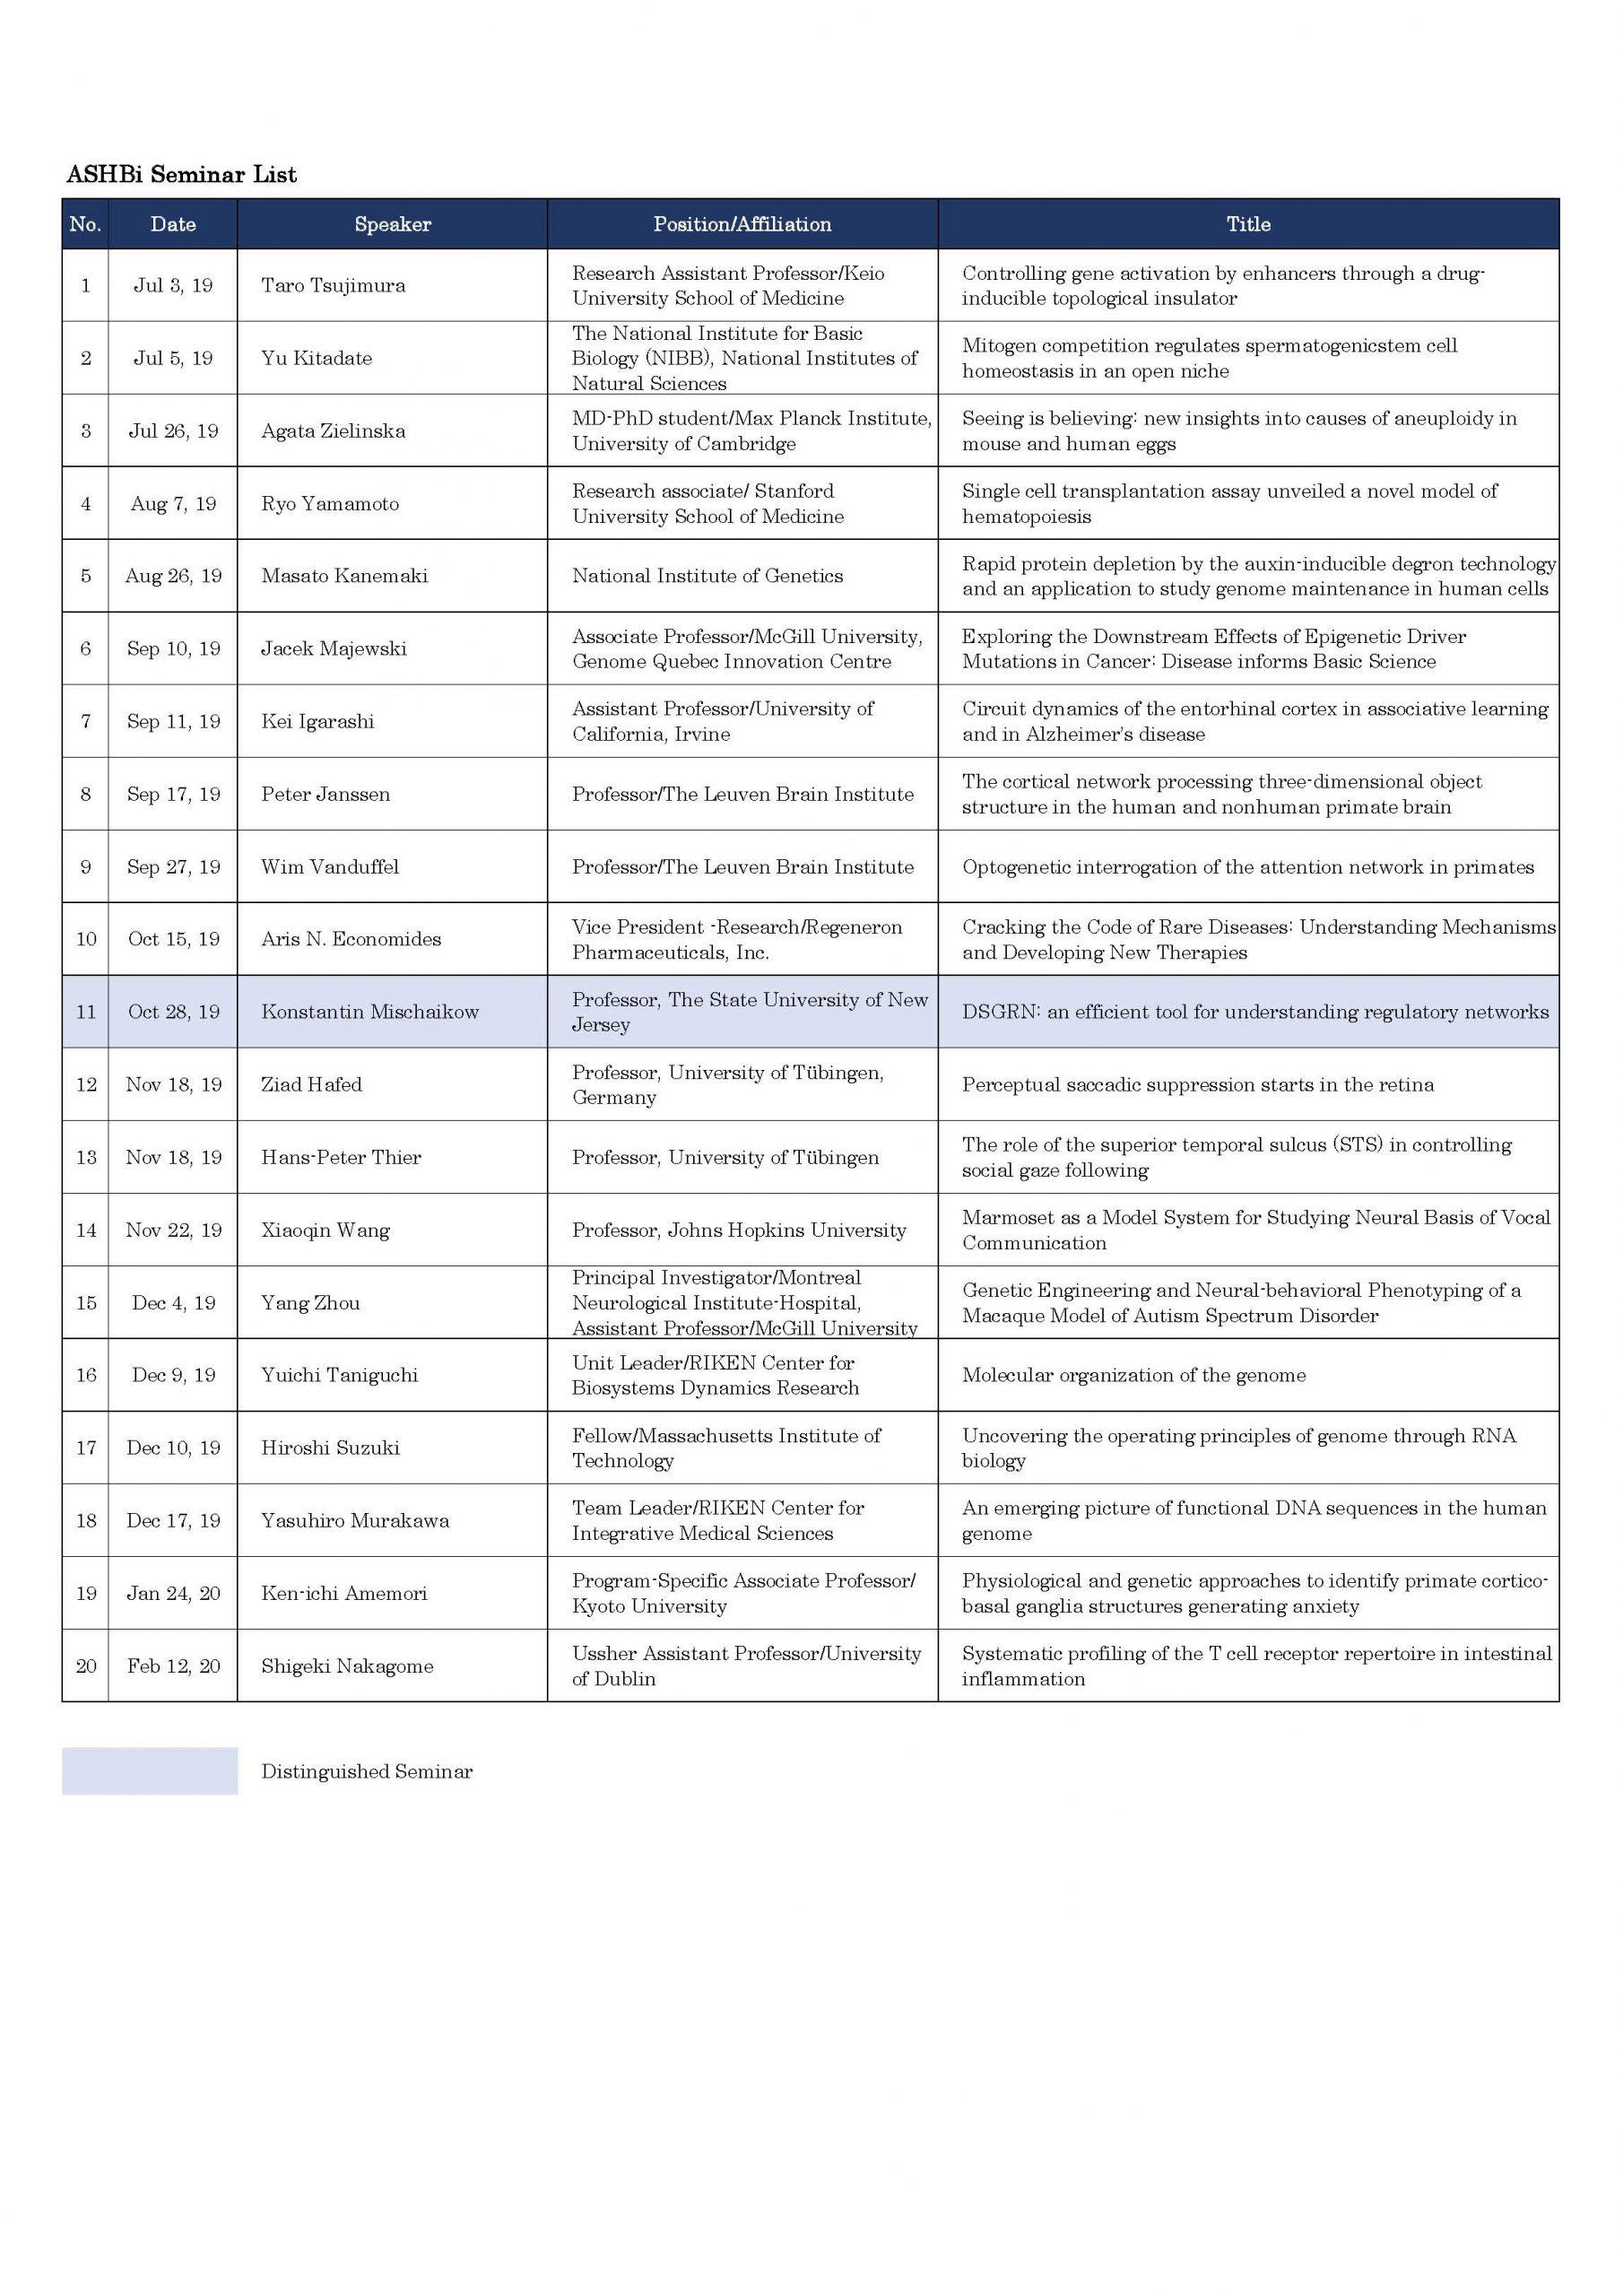 ASHBi Seminar List